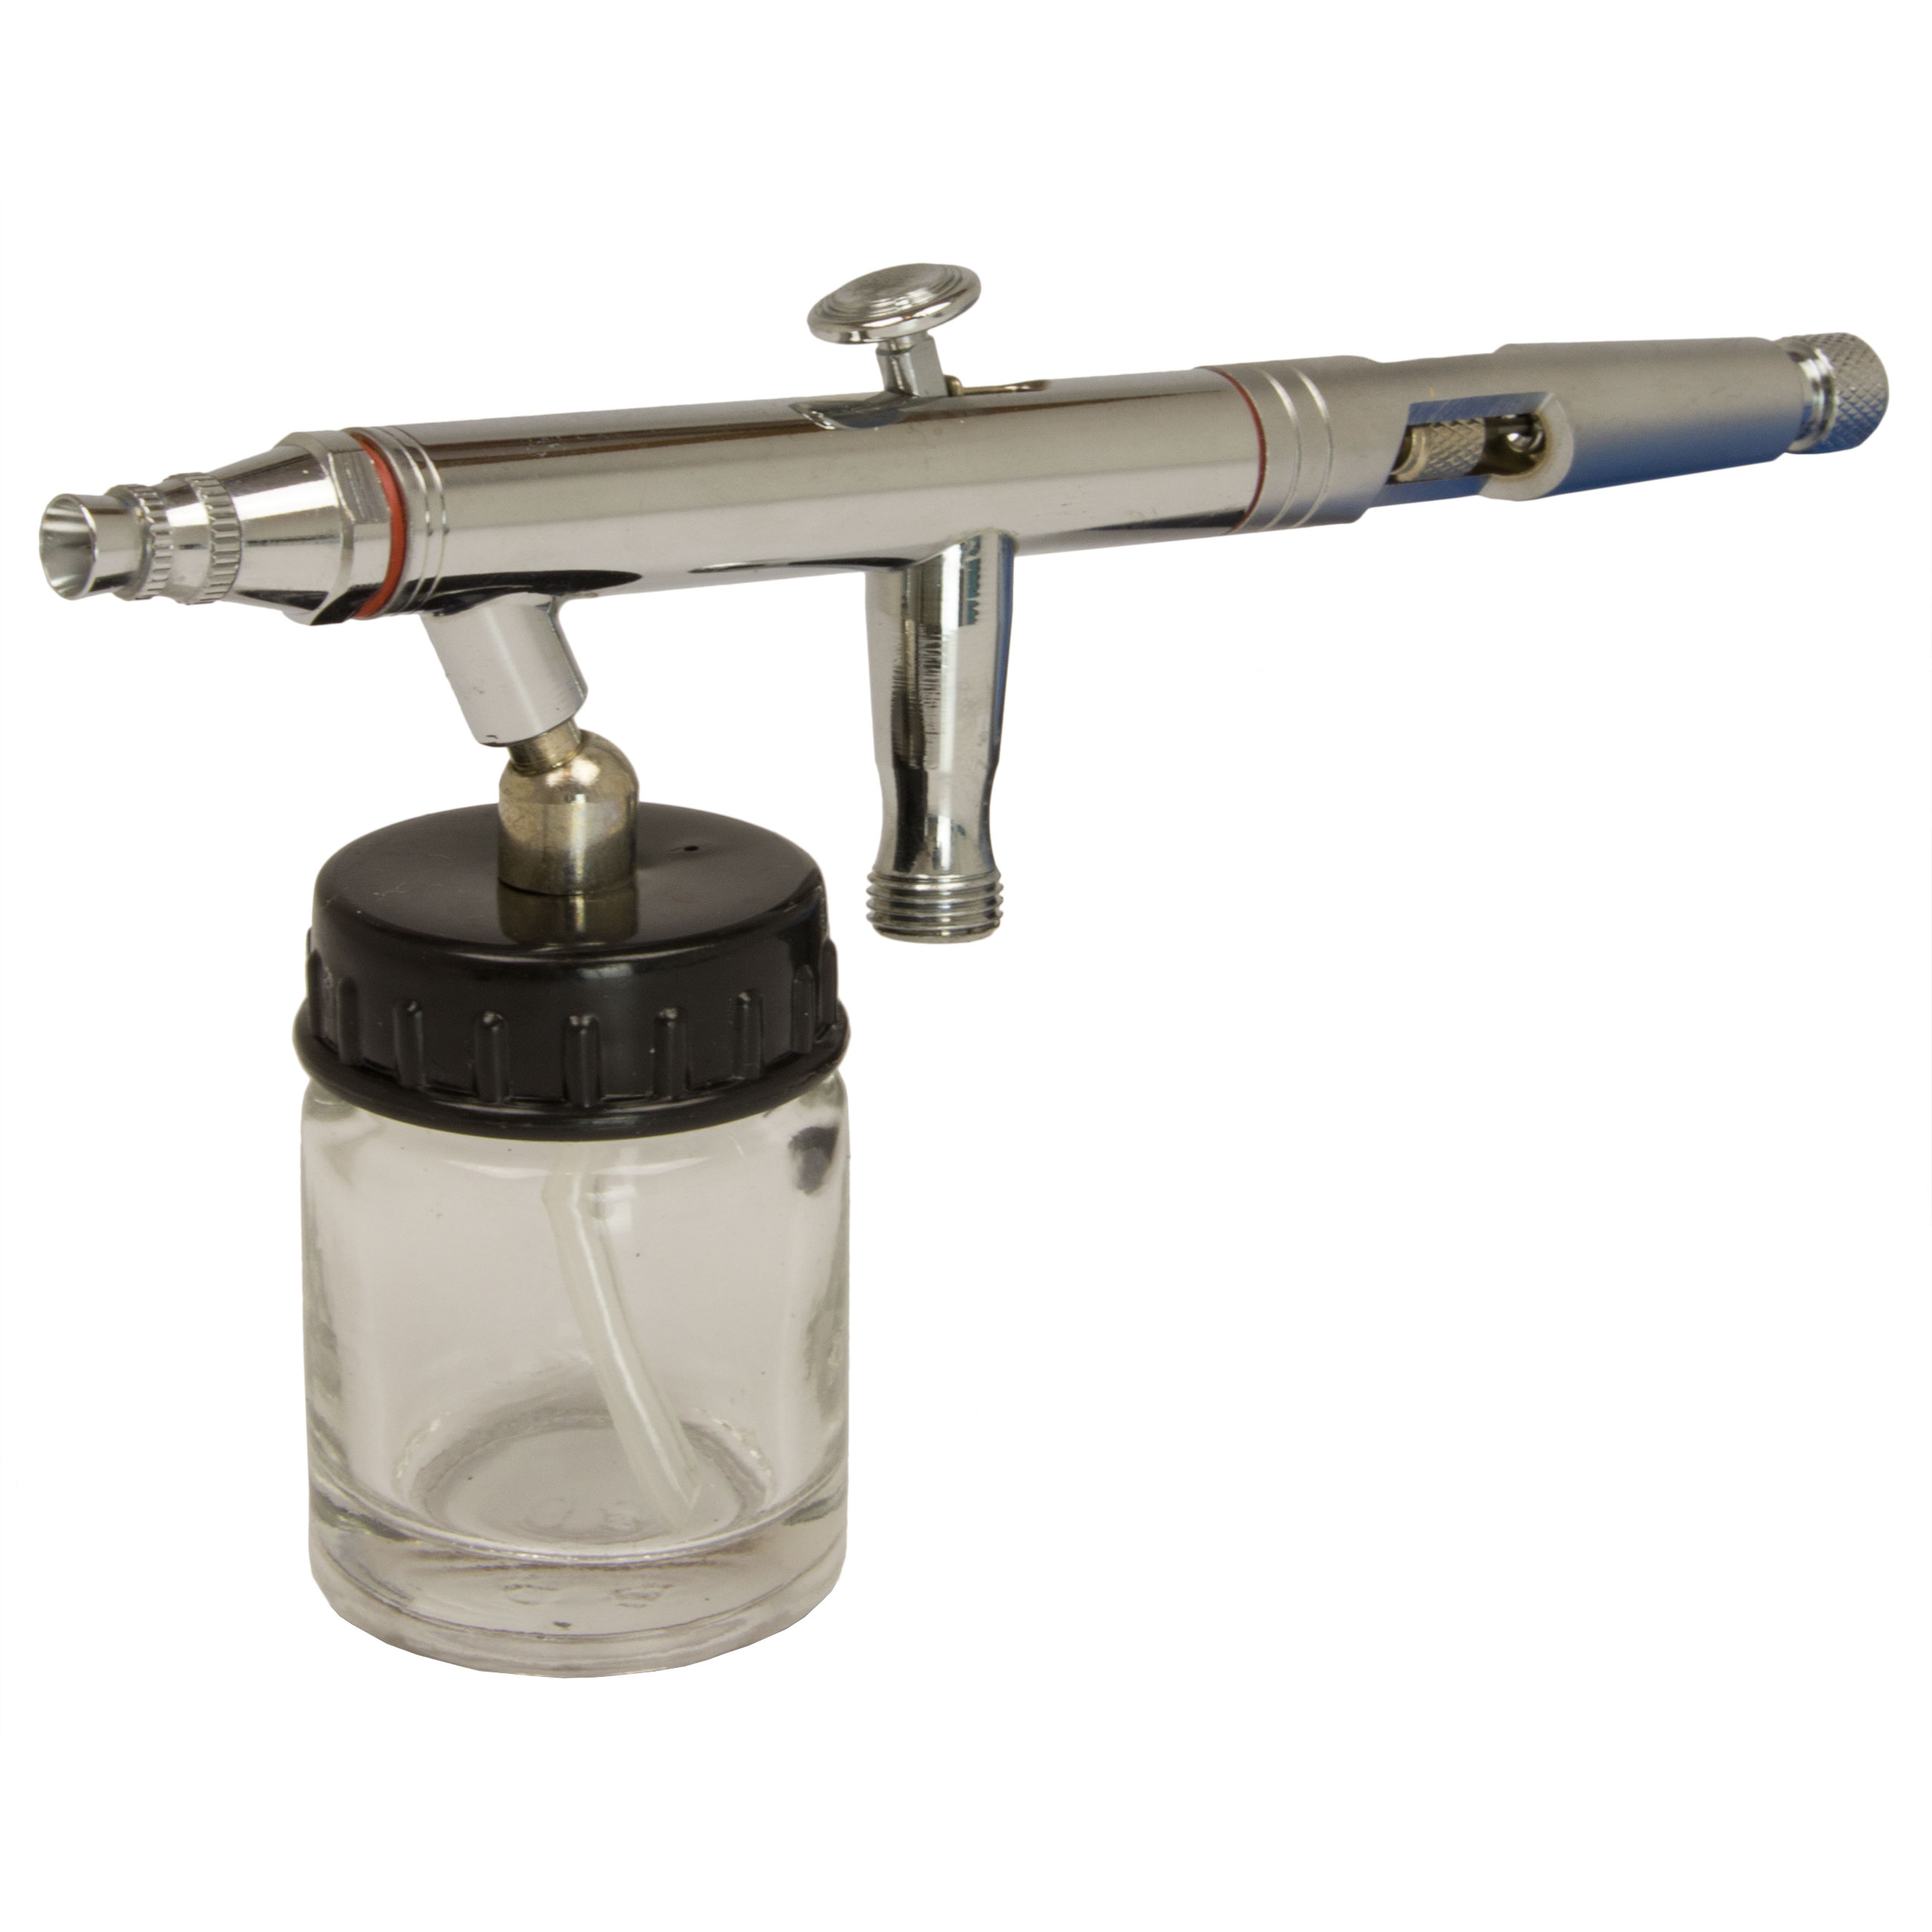 Airbrush-Pistole ABC182 mit 0,3mm Düsensatz